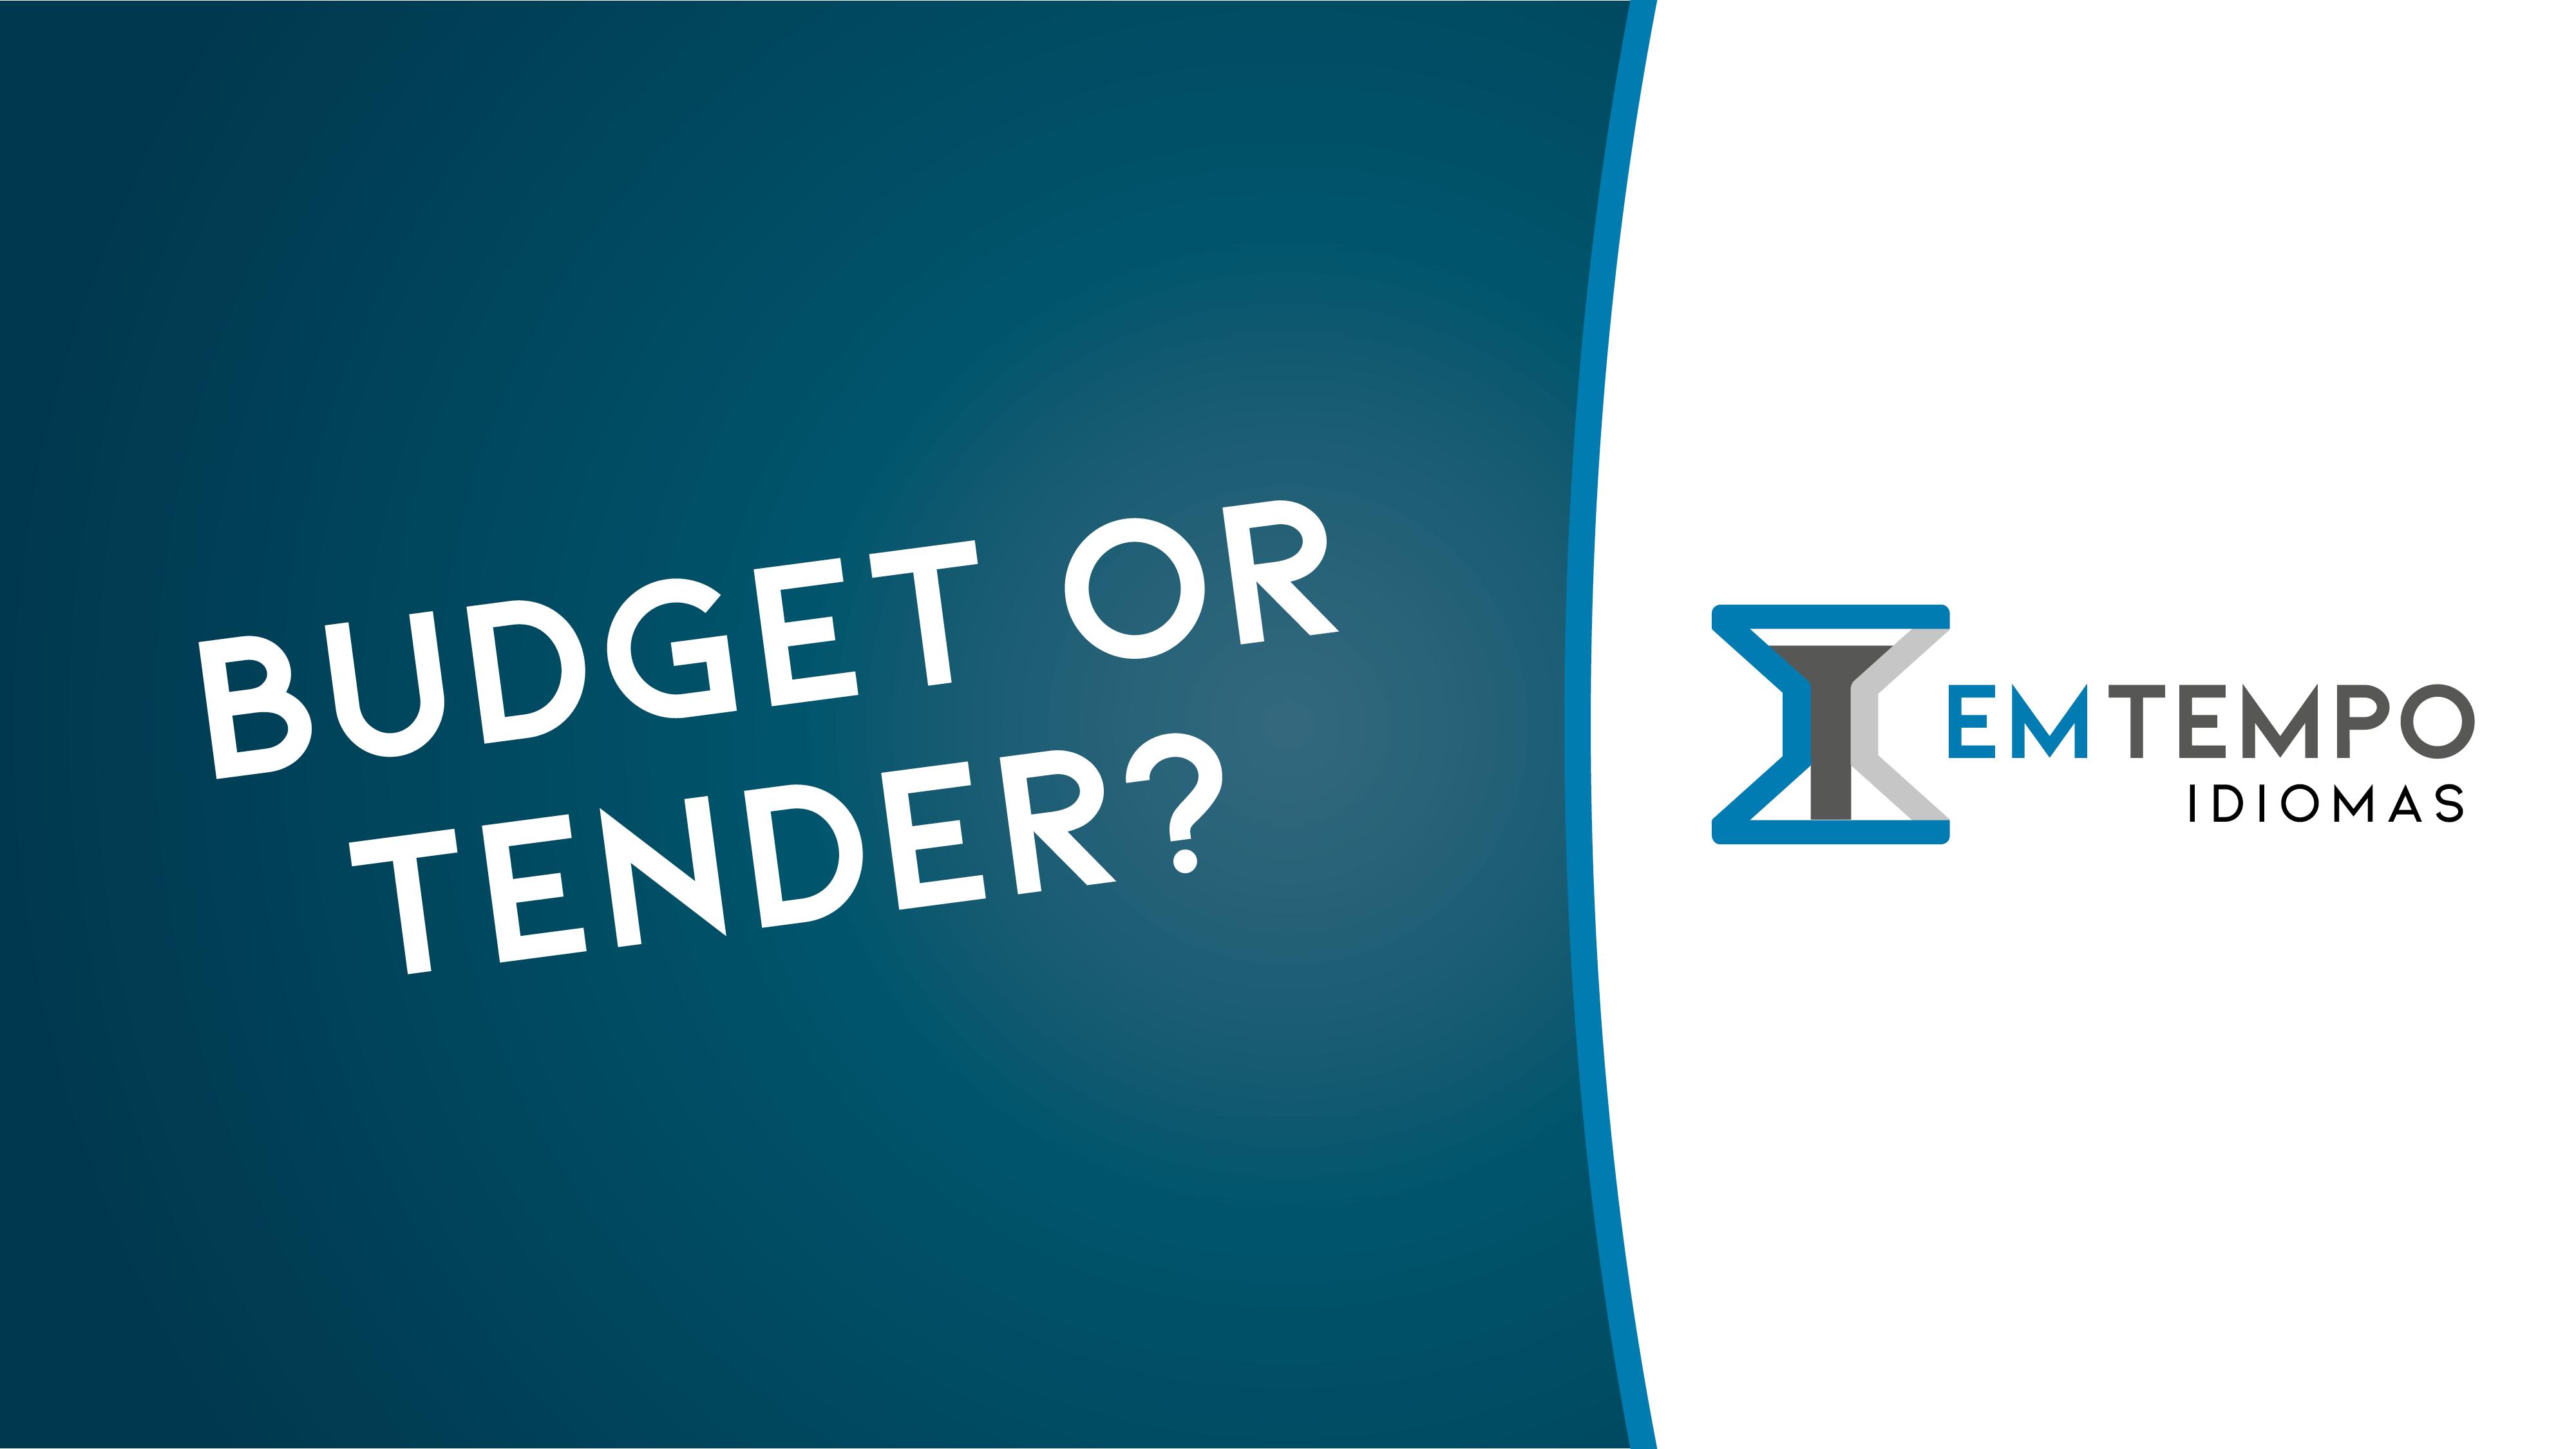 Orçamento: budget ou tender?